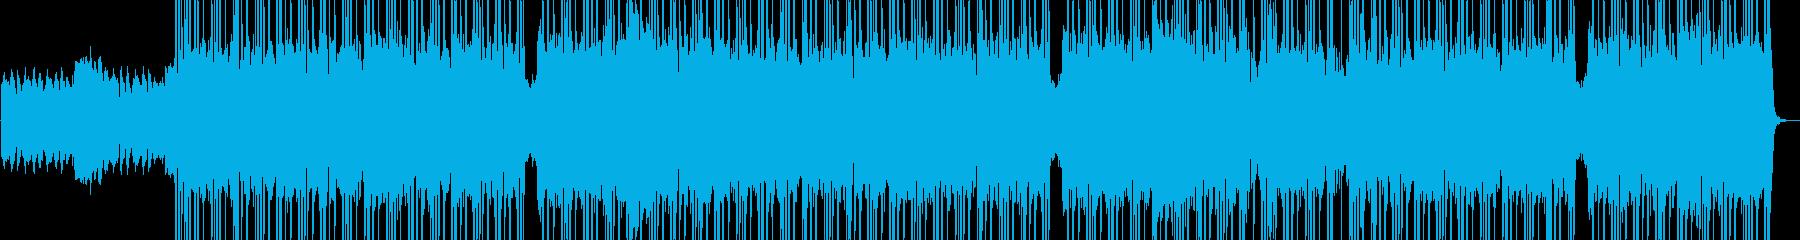 闘志 行進 エネルギッシュ HIPHOPの再生済みの波形